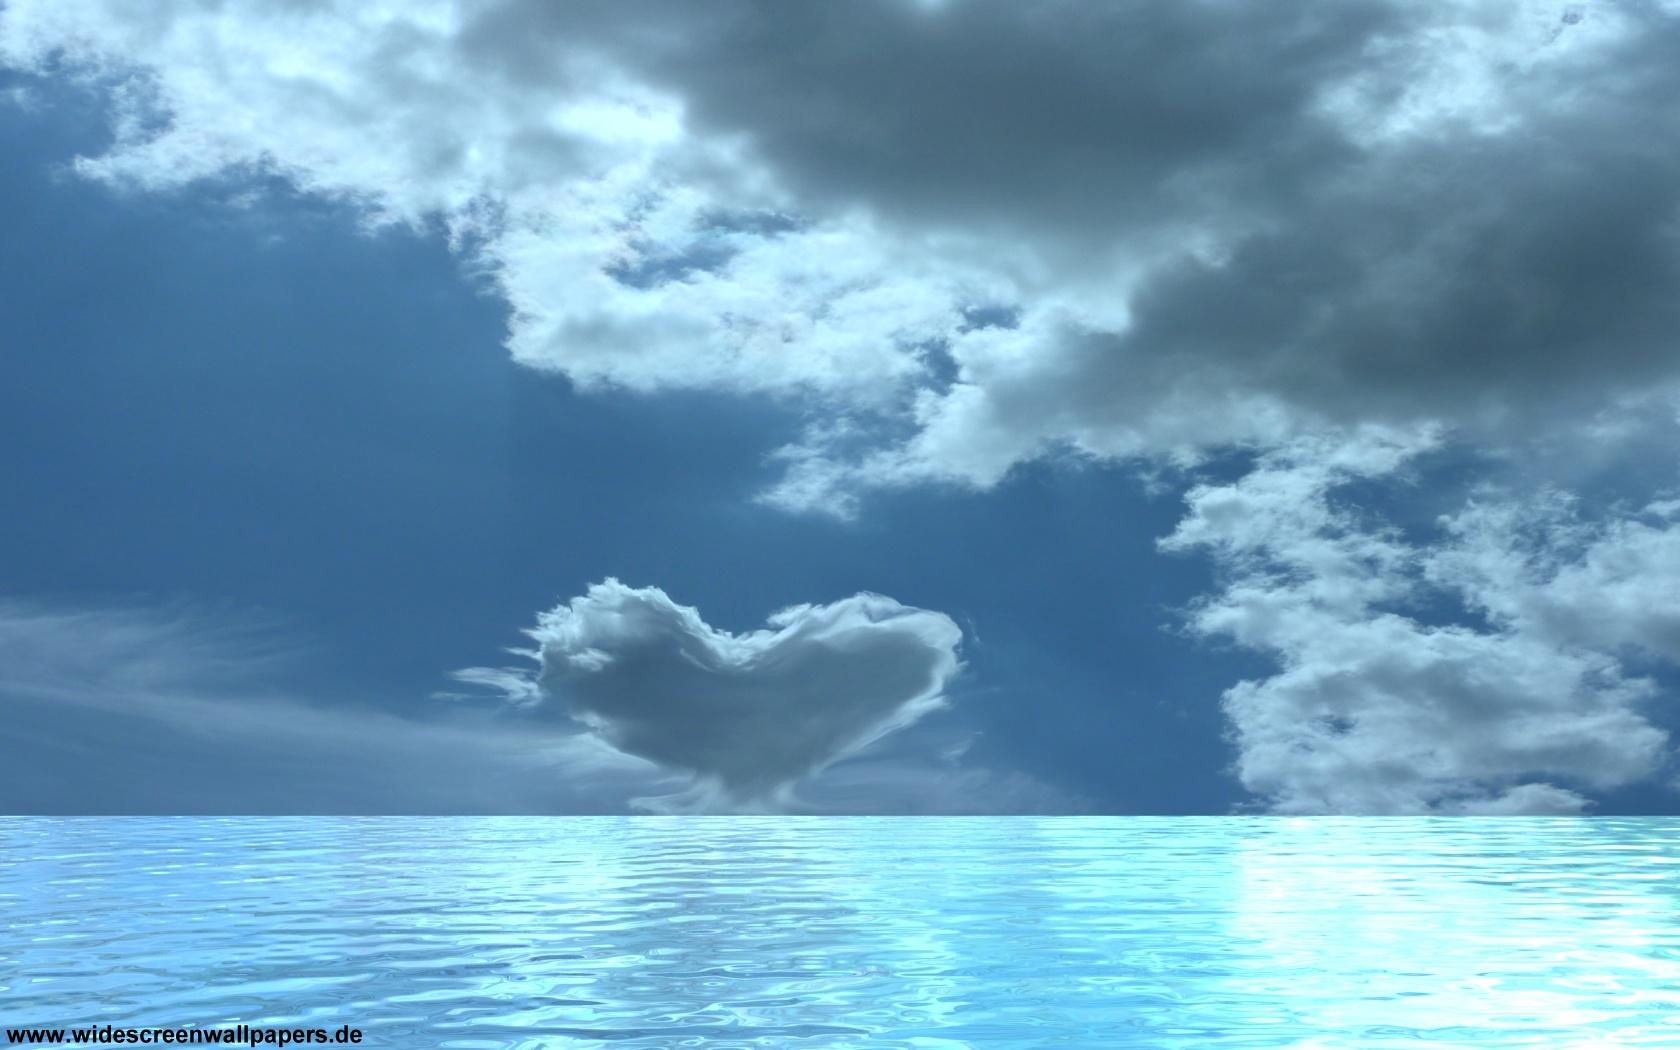 heart widescreen wallpapers liebe love widescreen wallpaper heart 1680x1050